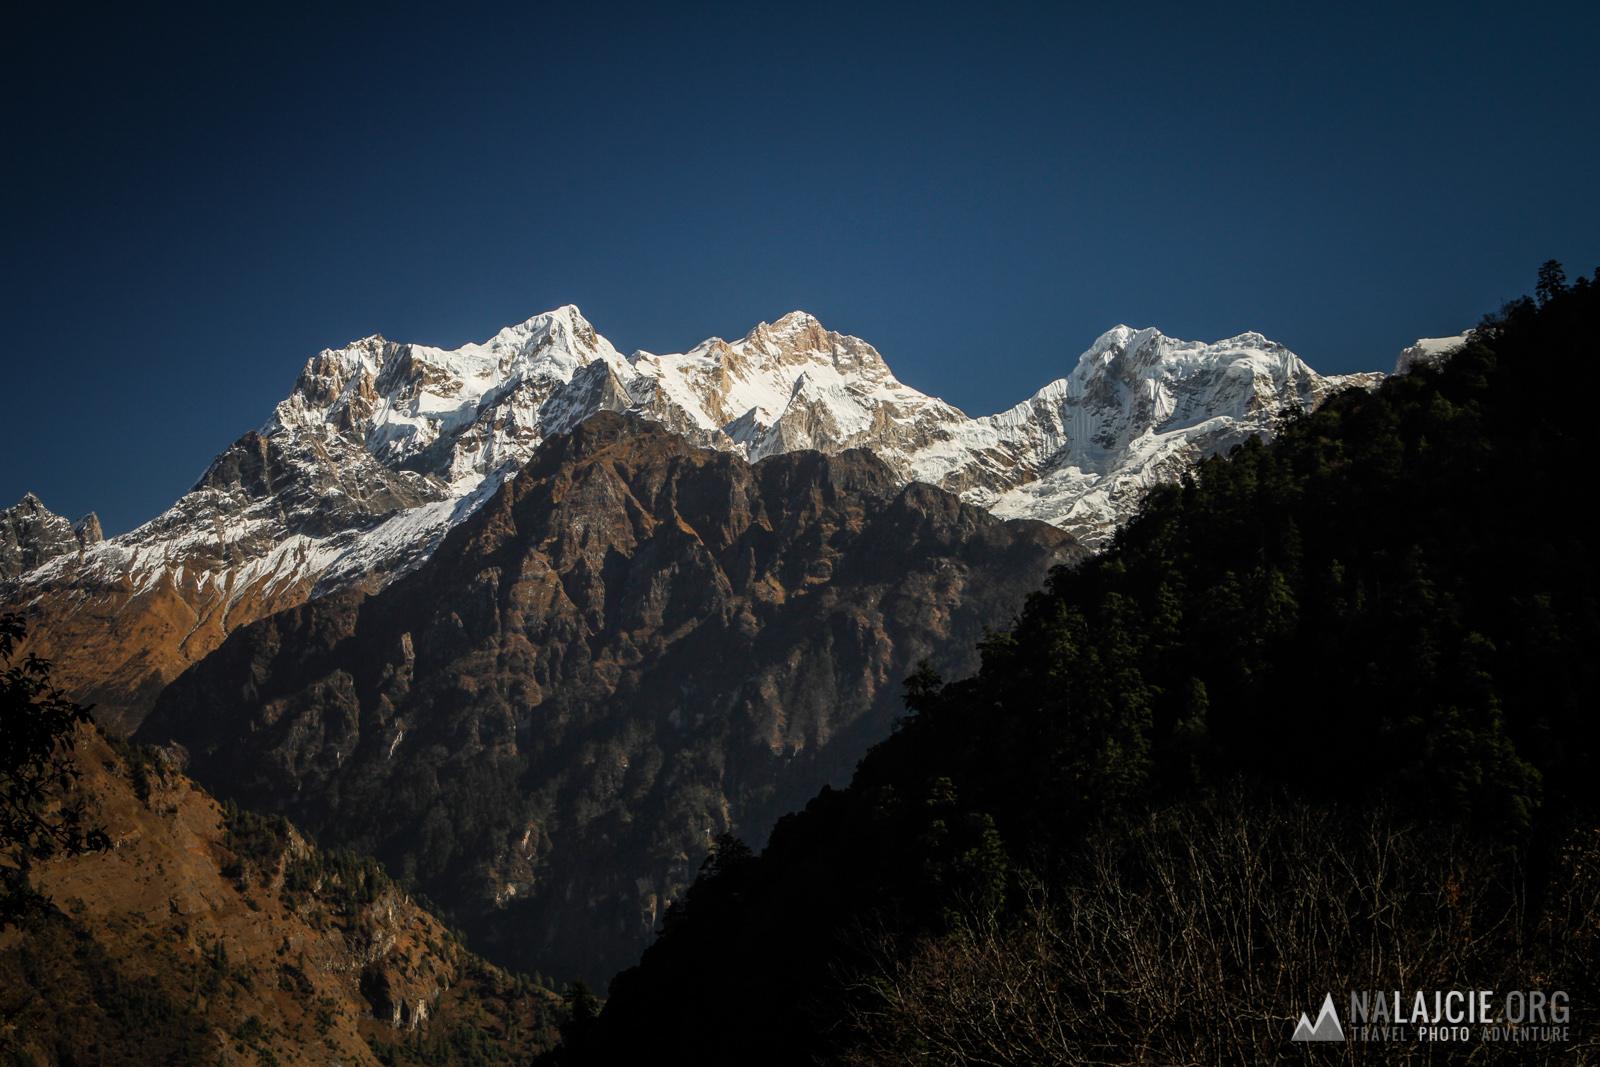 Na szlaku Annapurny.